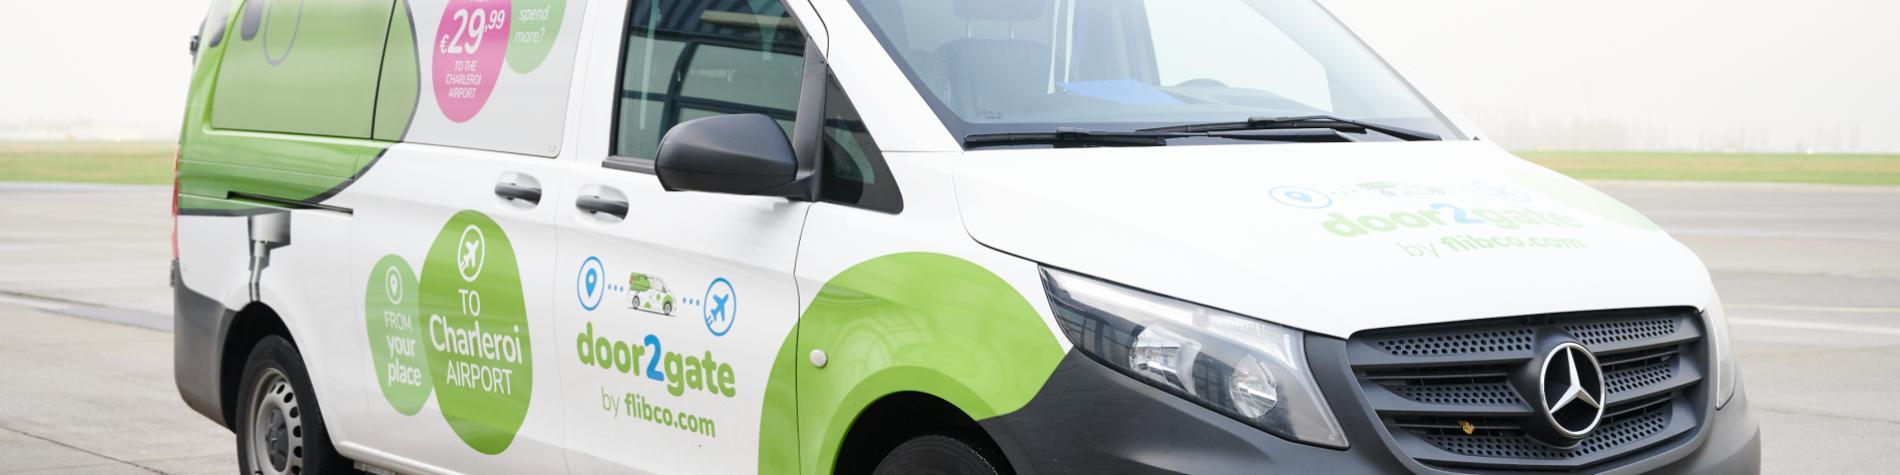 Flibco.com - Door2gate - taxi